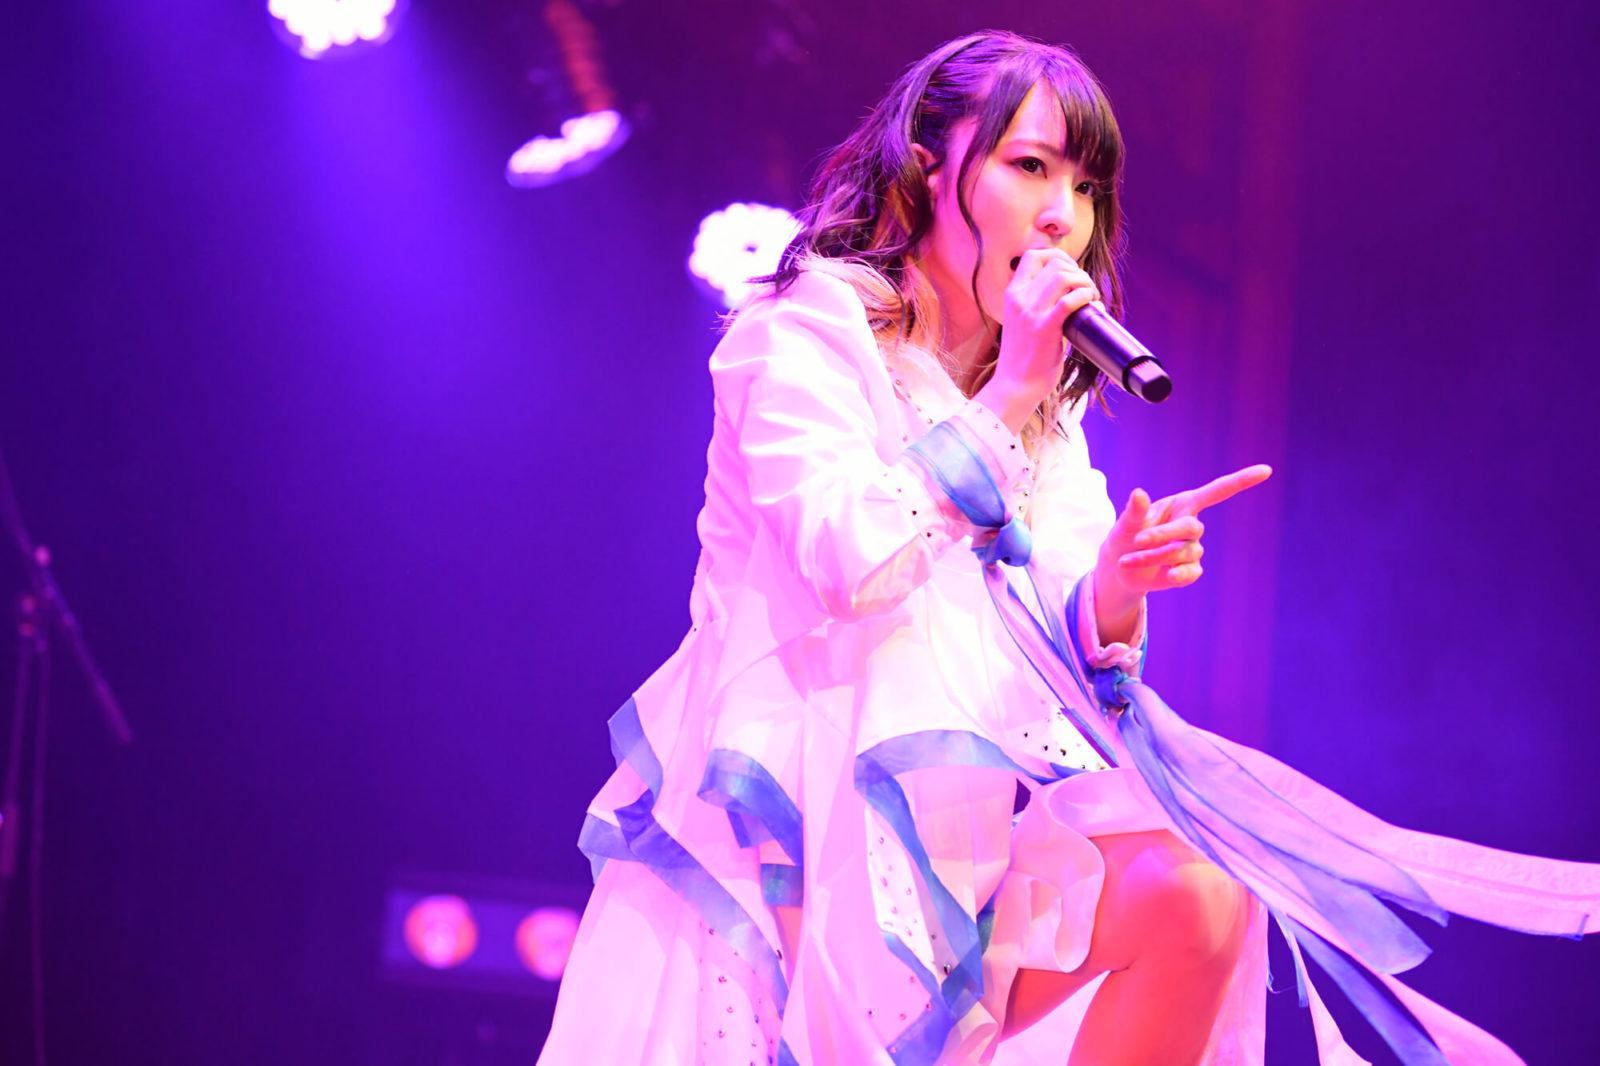 綾野ましろ、ワンマンライブ2019「ARCH」開催&9枚目のシングル「Alive」2020年2月リリース決定サムネイル画像